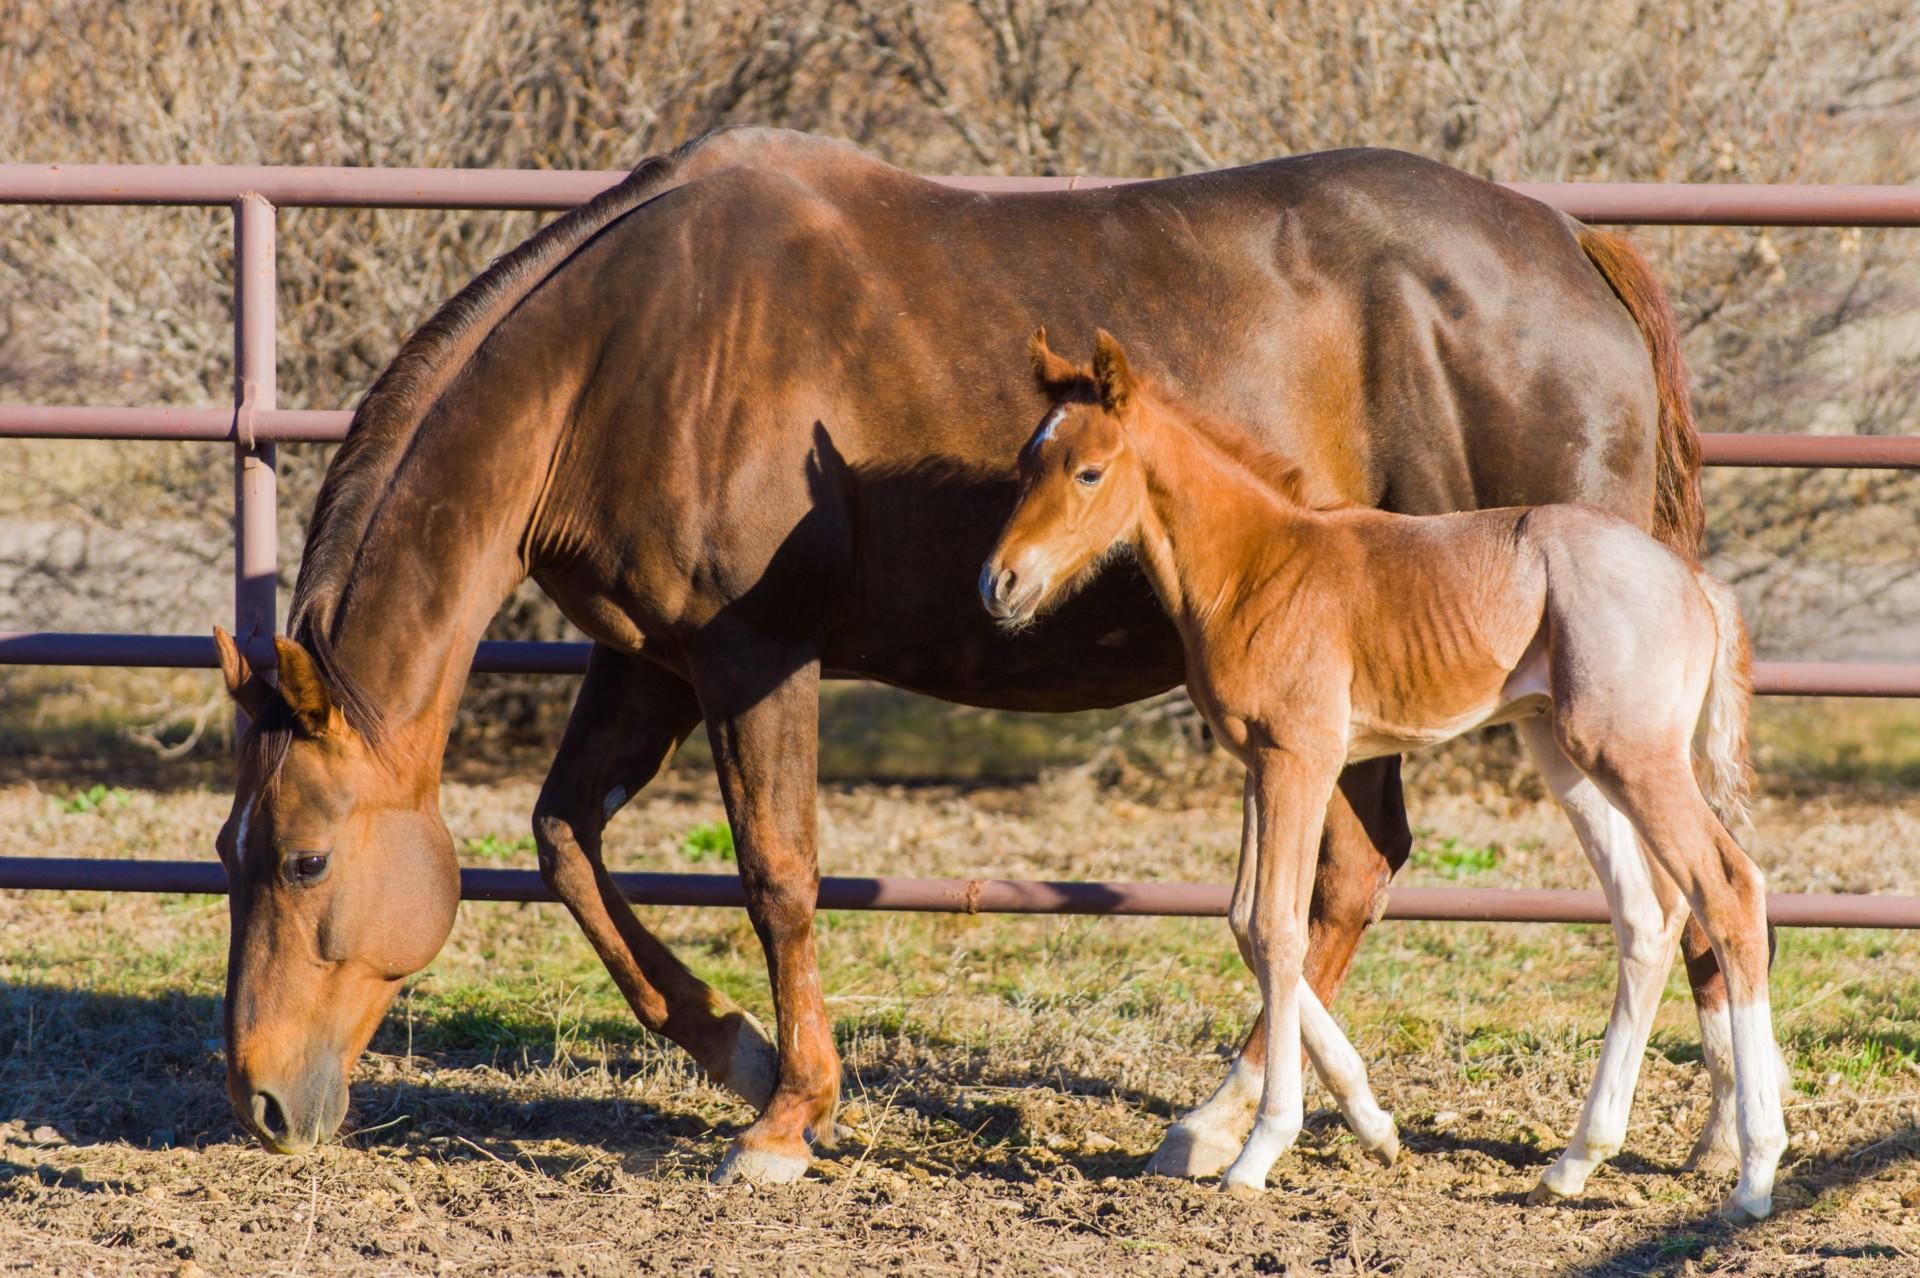 Разведение породистых коней и лошадей: скрещивание племенных особей и выращивание жеребят